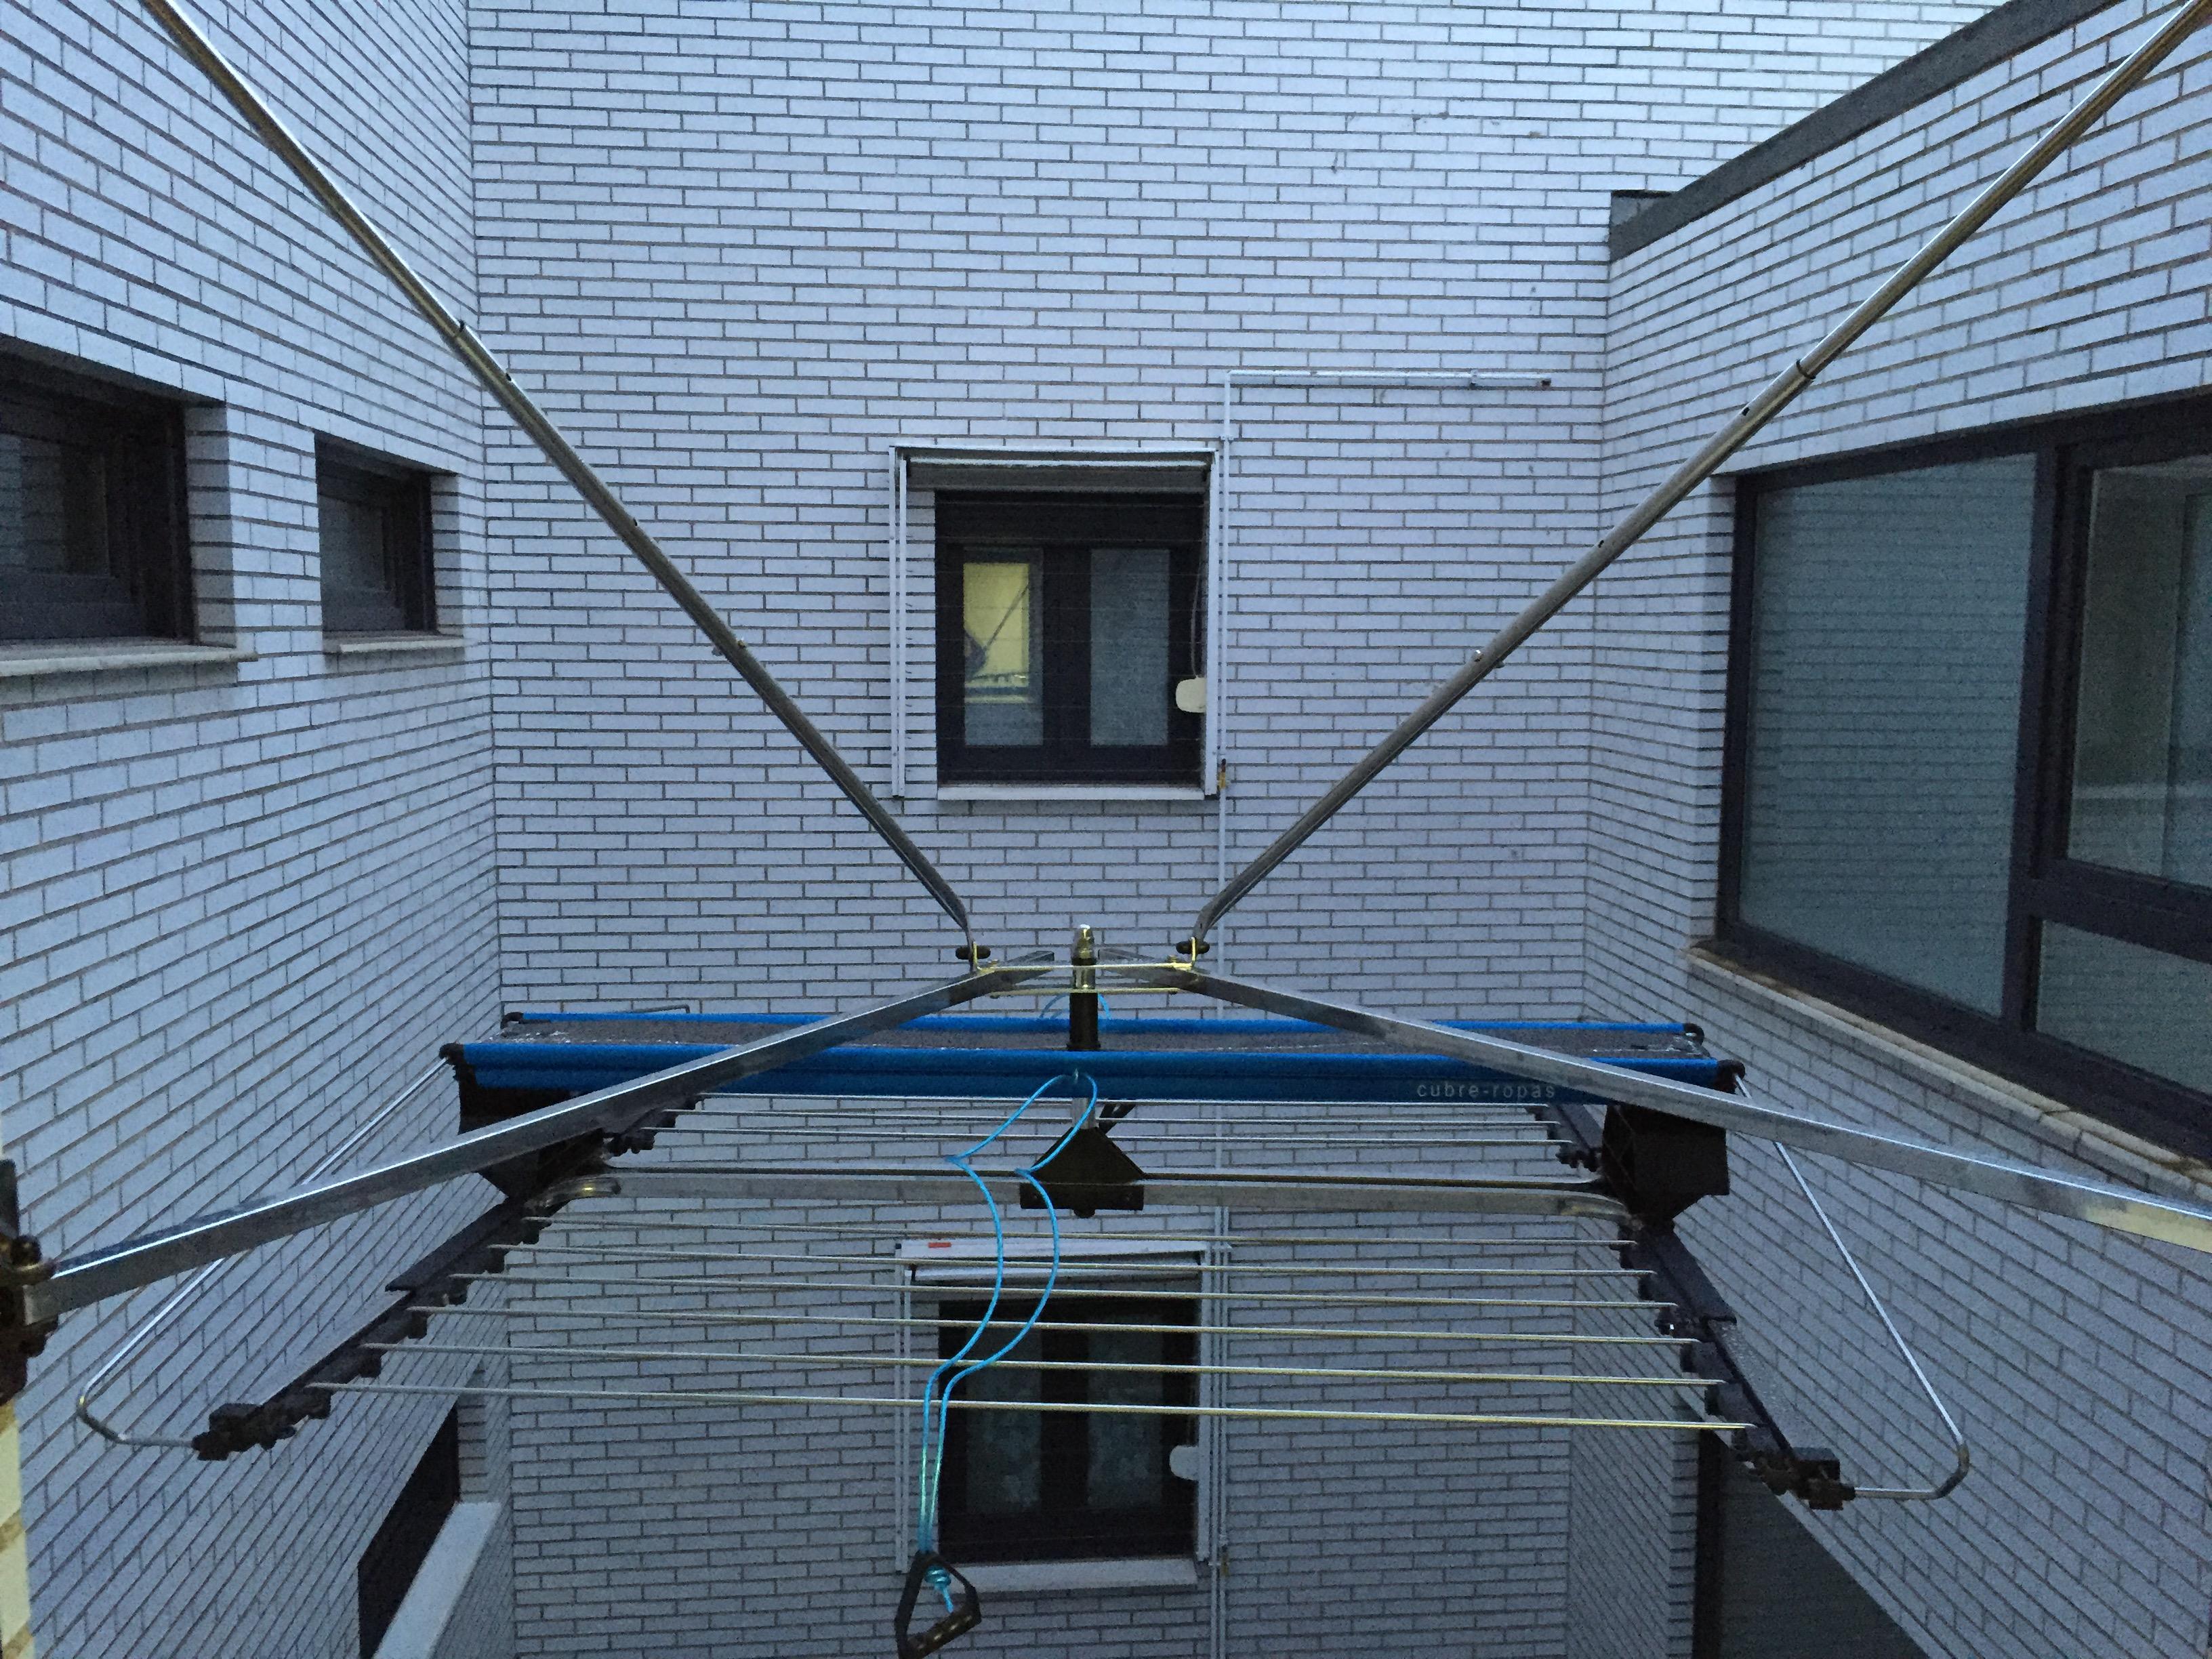 Tendedero marta plus toldos en asturias - Tendederos de balcon ...